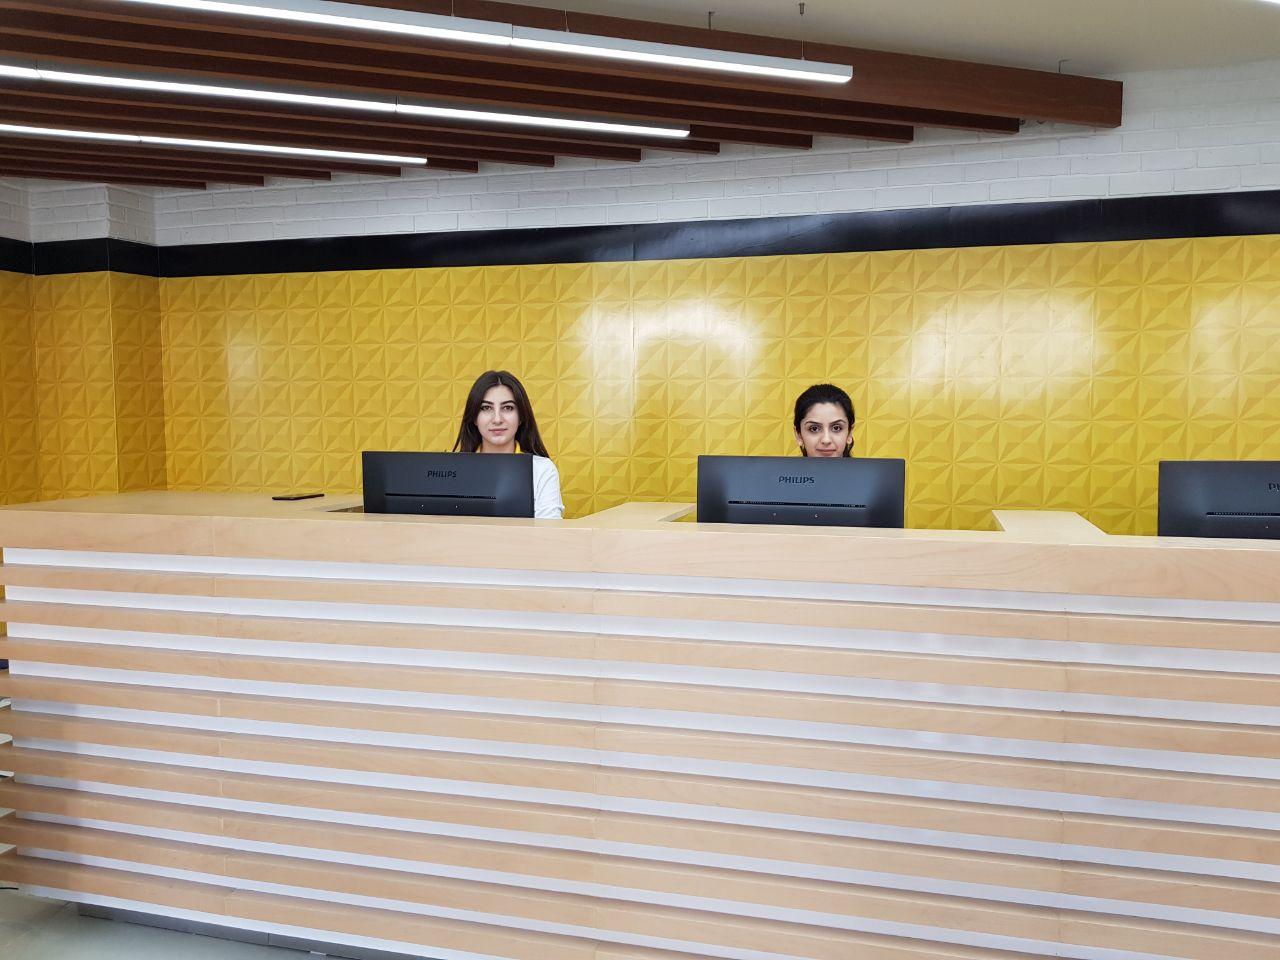 Beeline. Գյումրիում բացվեց վաճառքի և սպասարկման նոր գրասենյակ